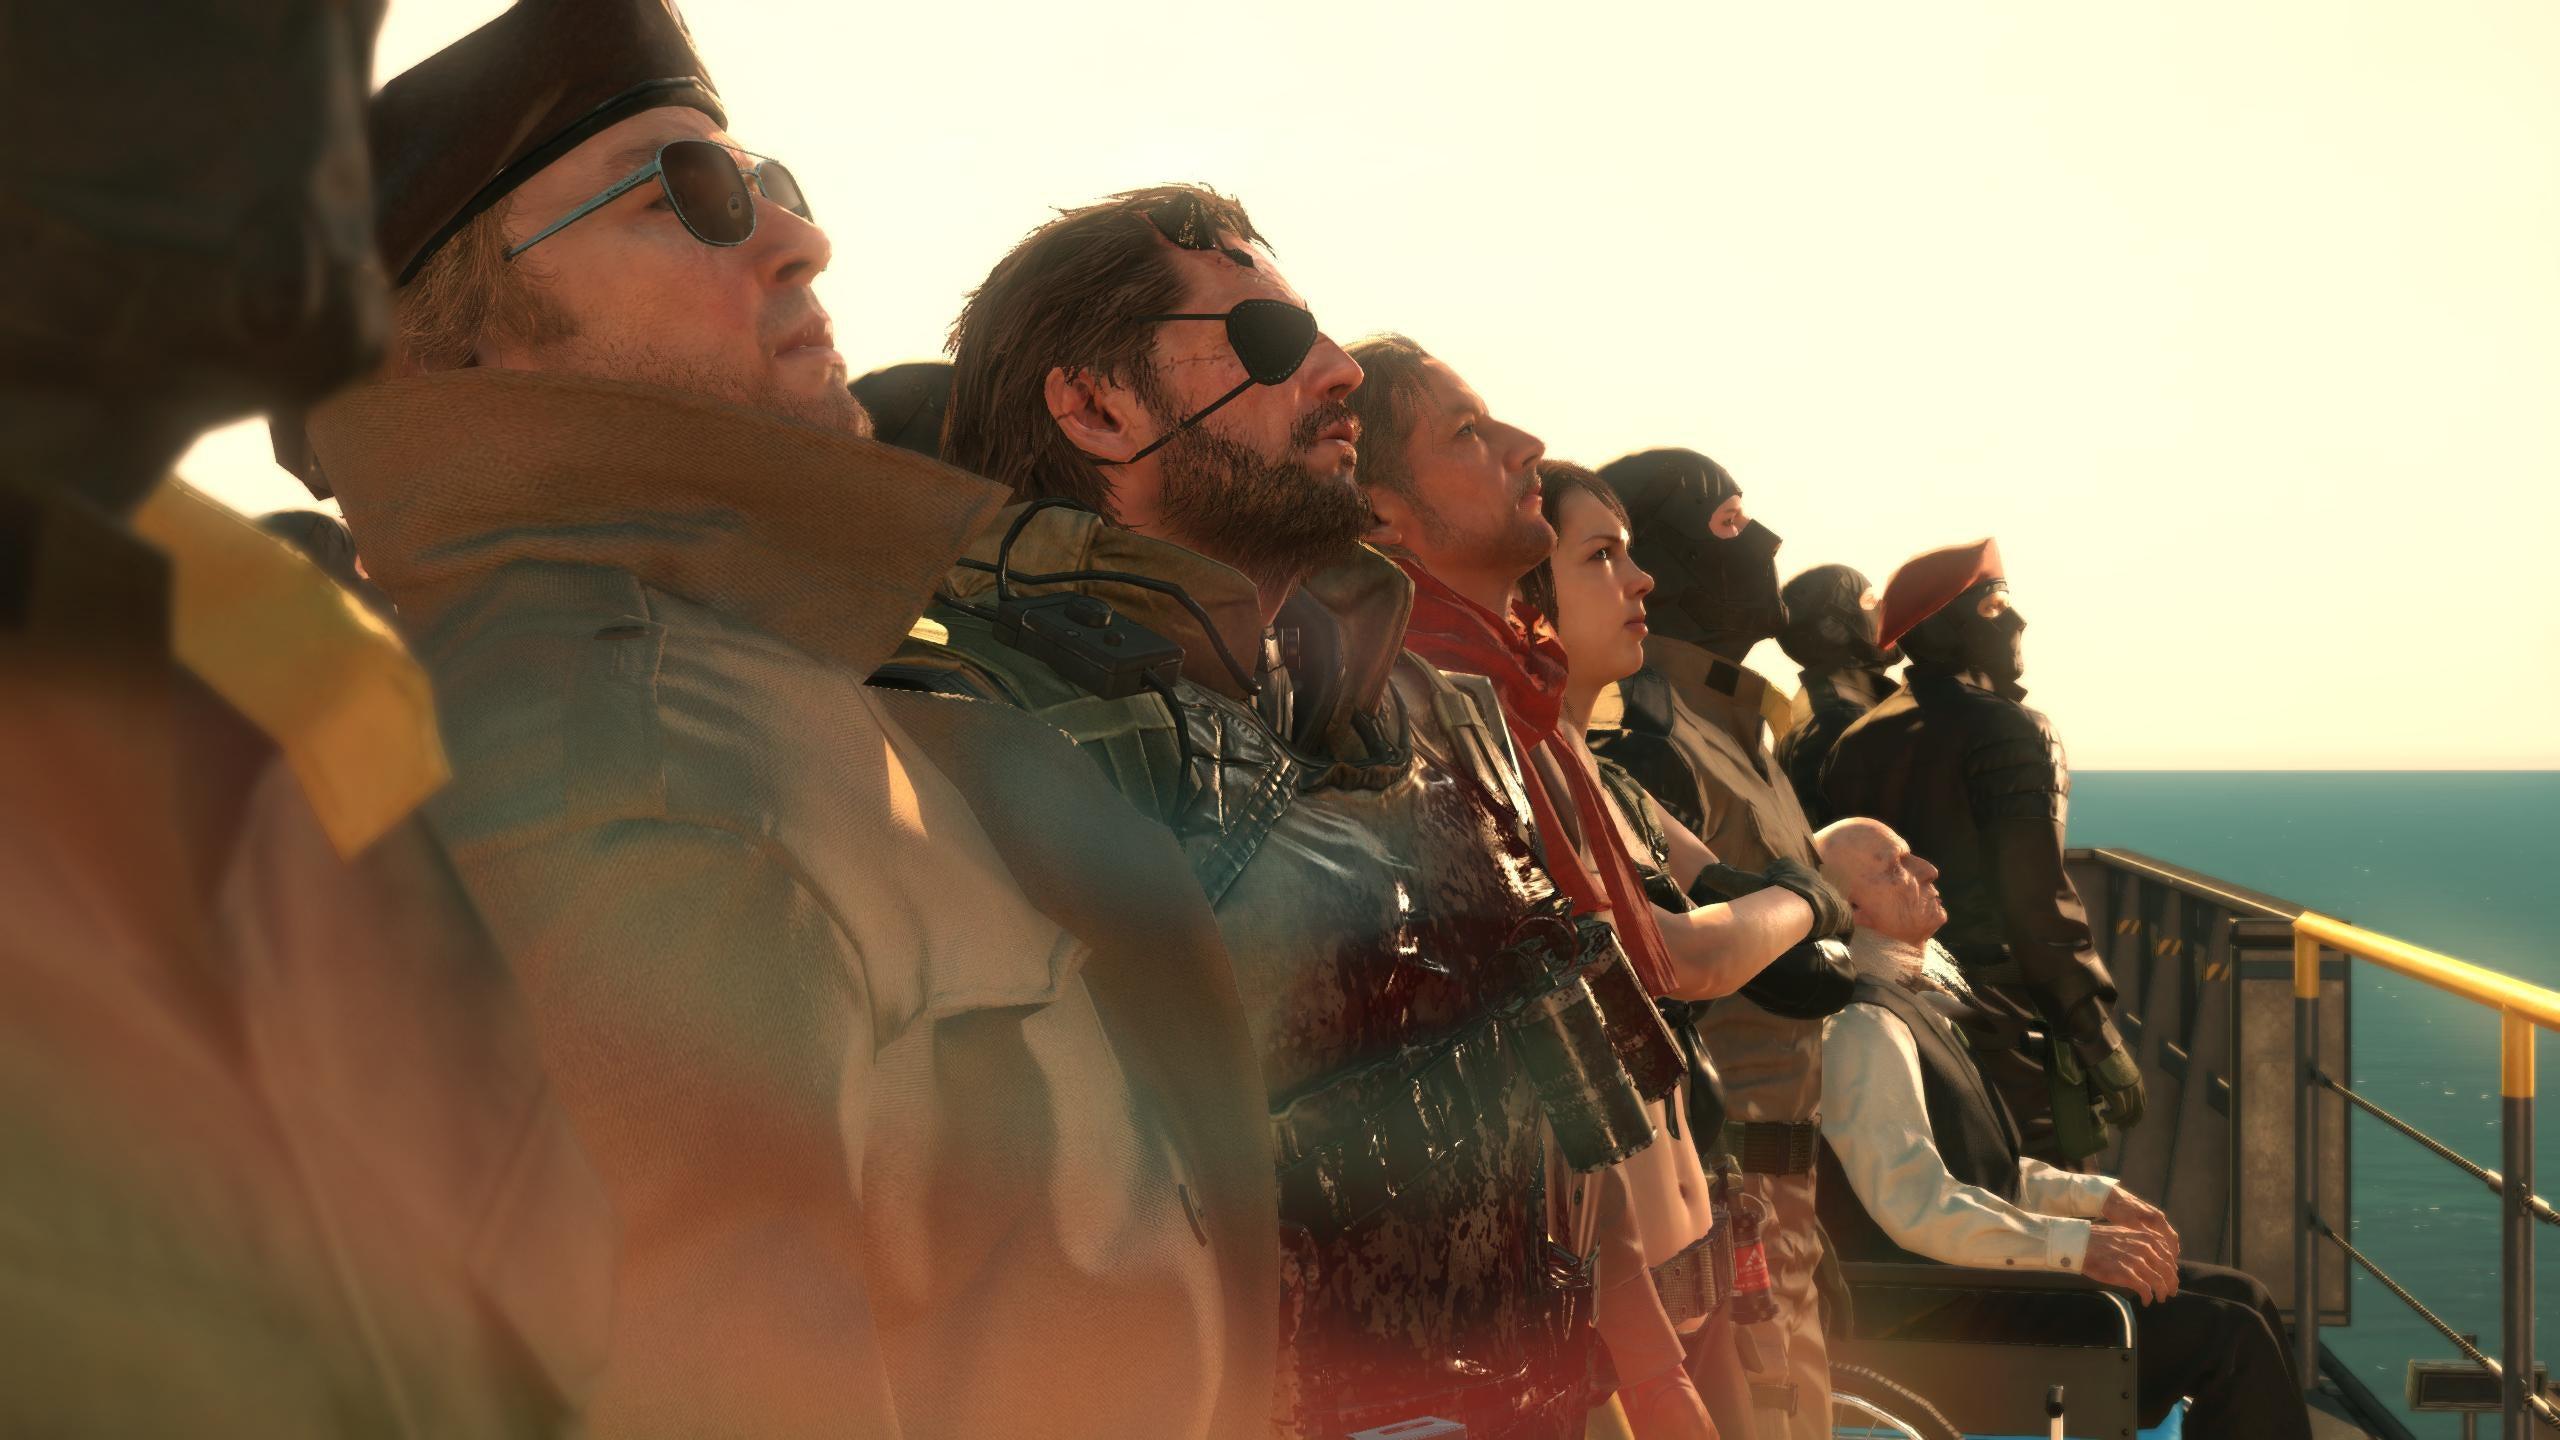 hgnbhnb Liệu đây có phải là bí mật kì lạ nhất trong Metal Gear Solid 5? 5